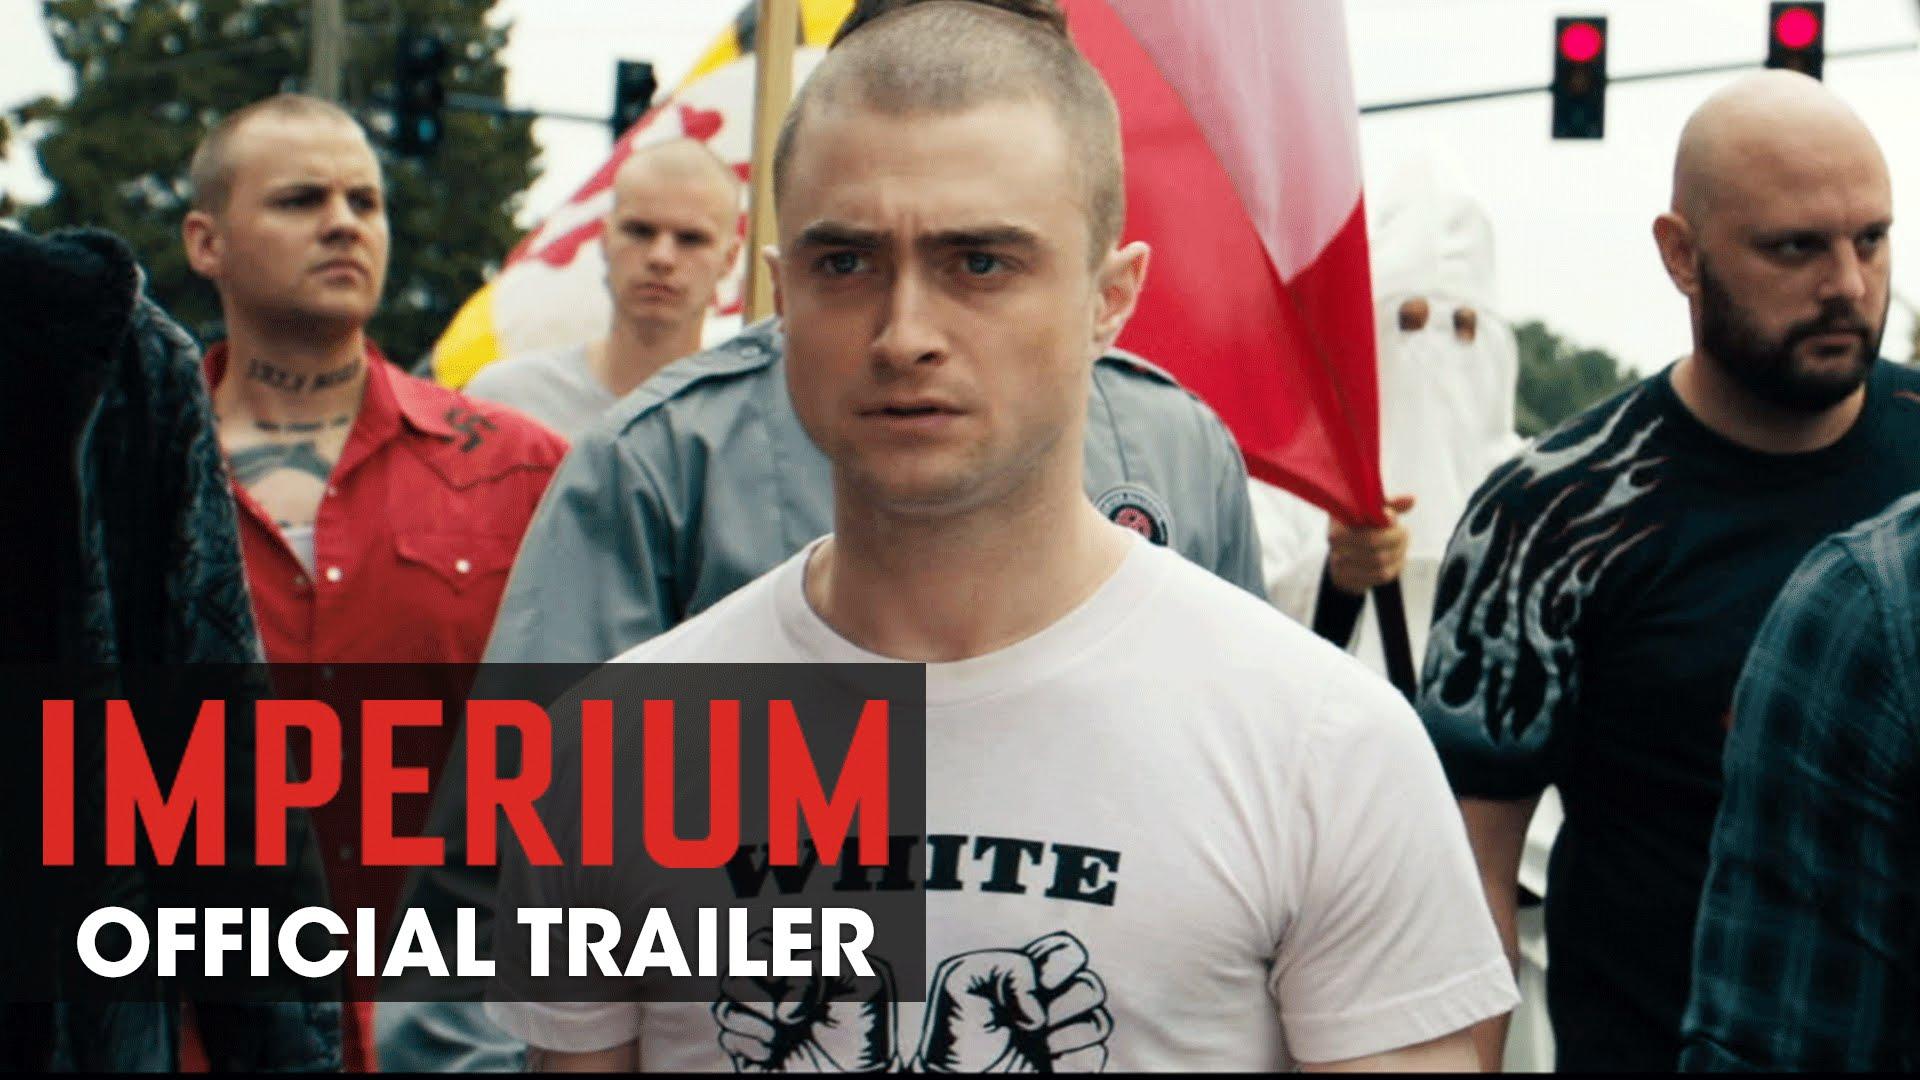 Imperium (2016 Movie – Daniel Radcliffe, Toni Collette)  – Official Trailer